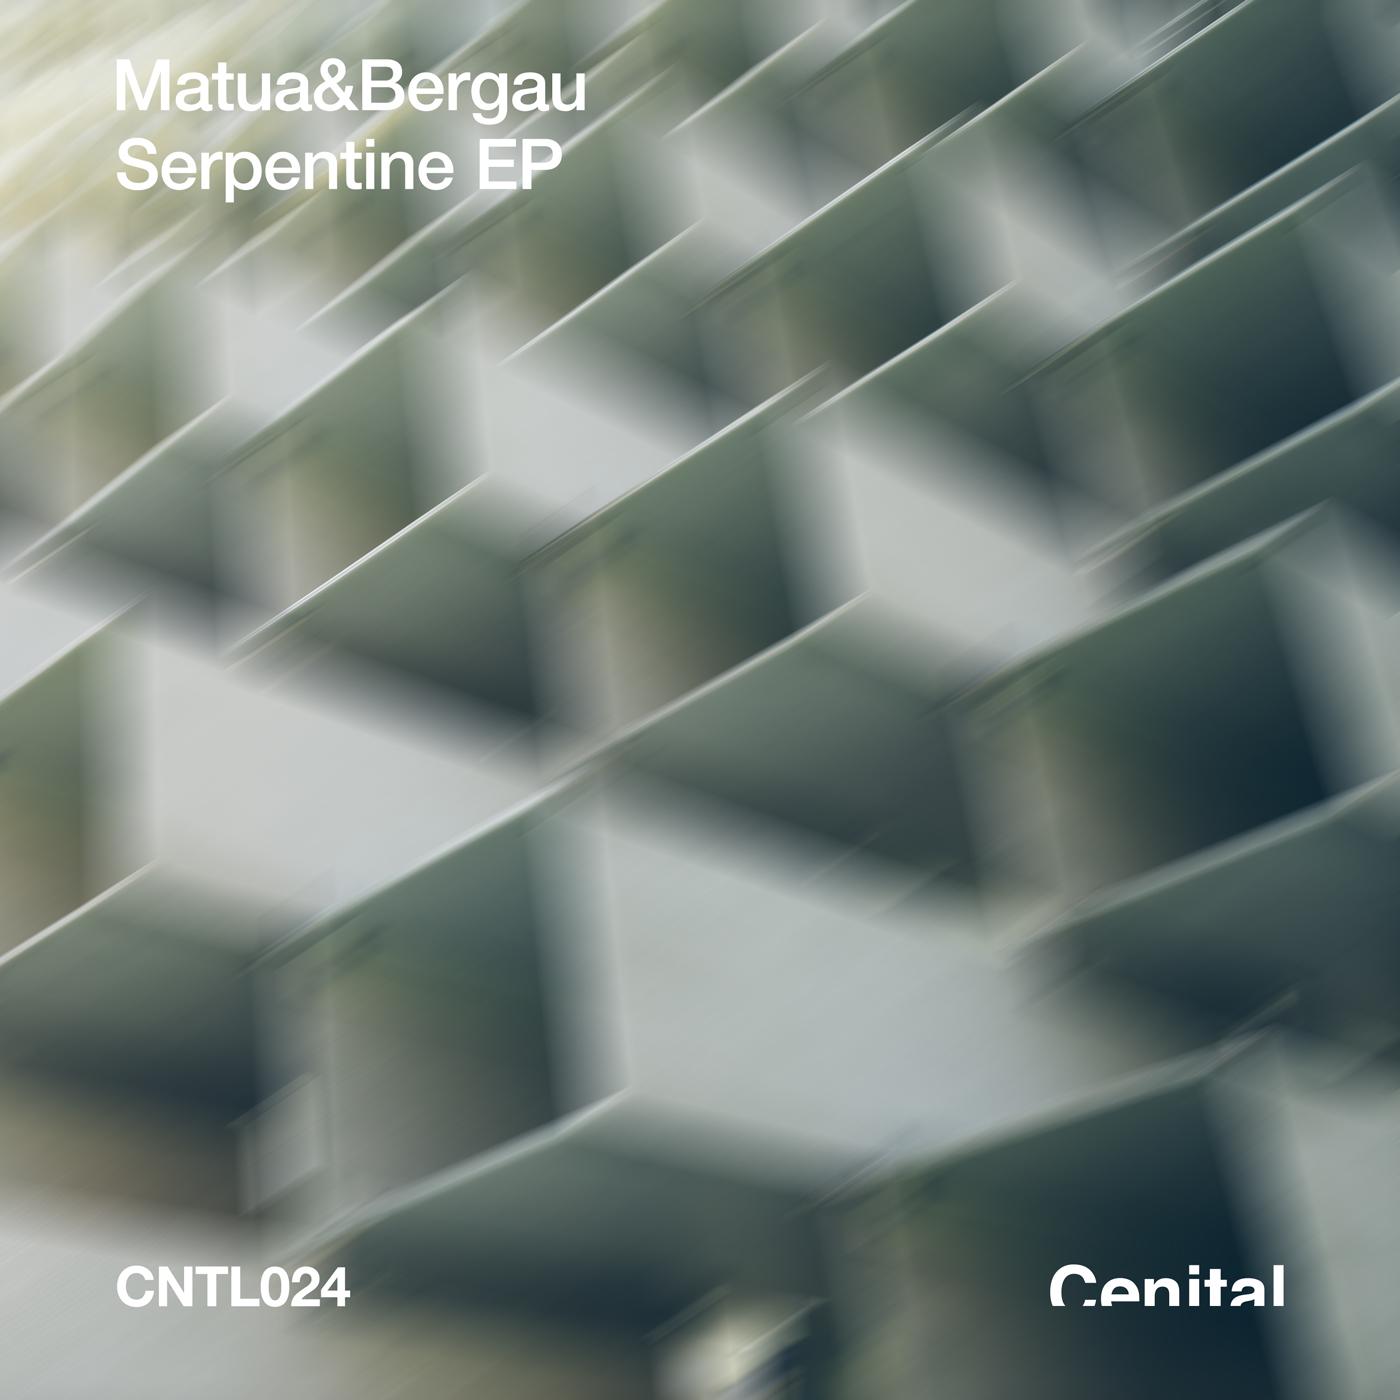 Matua&Bergau